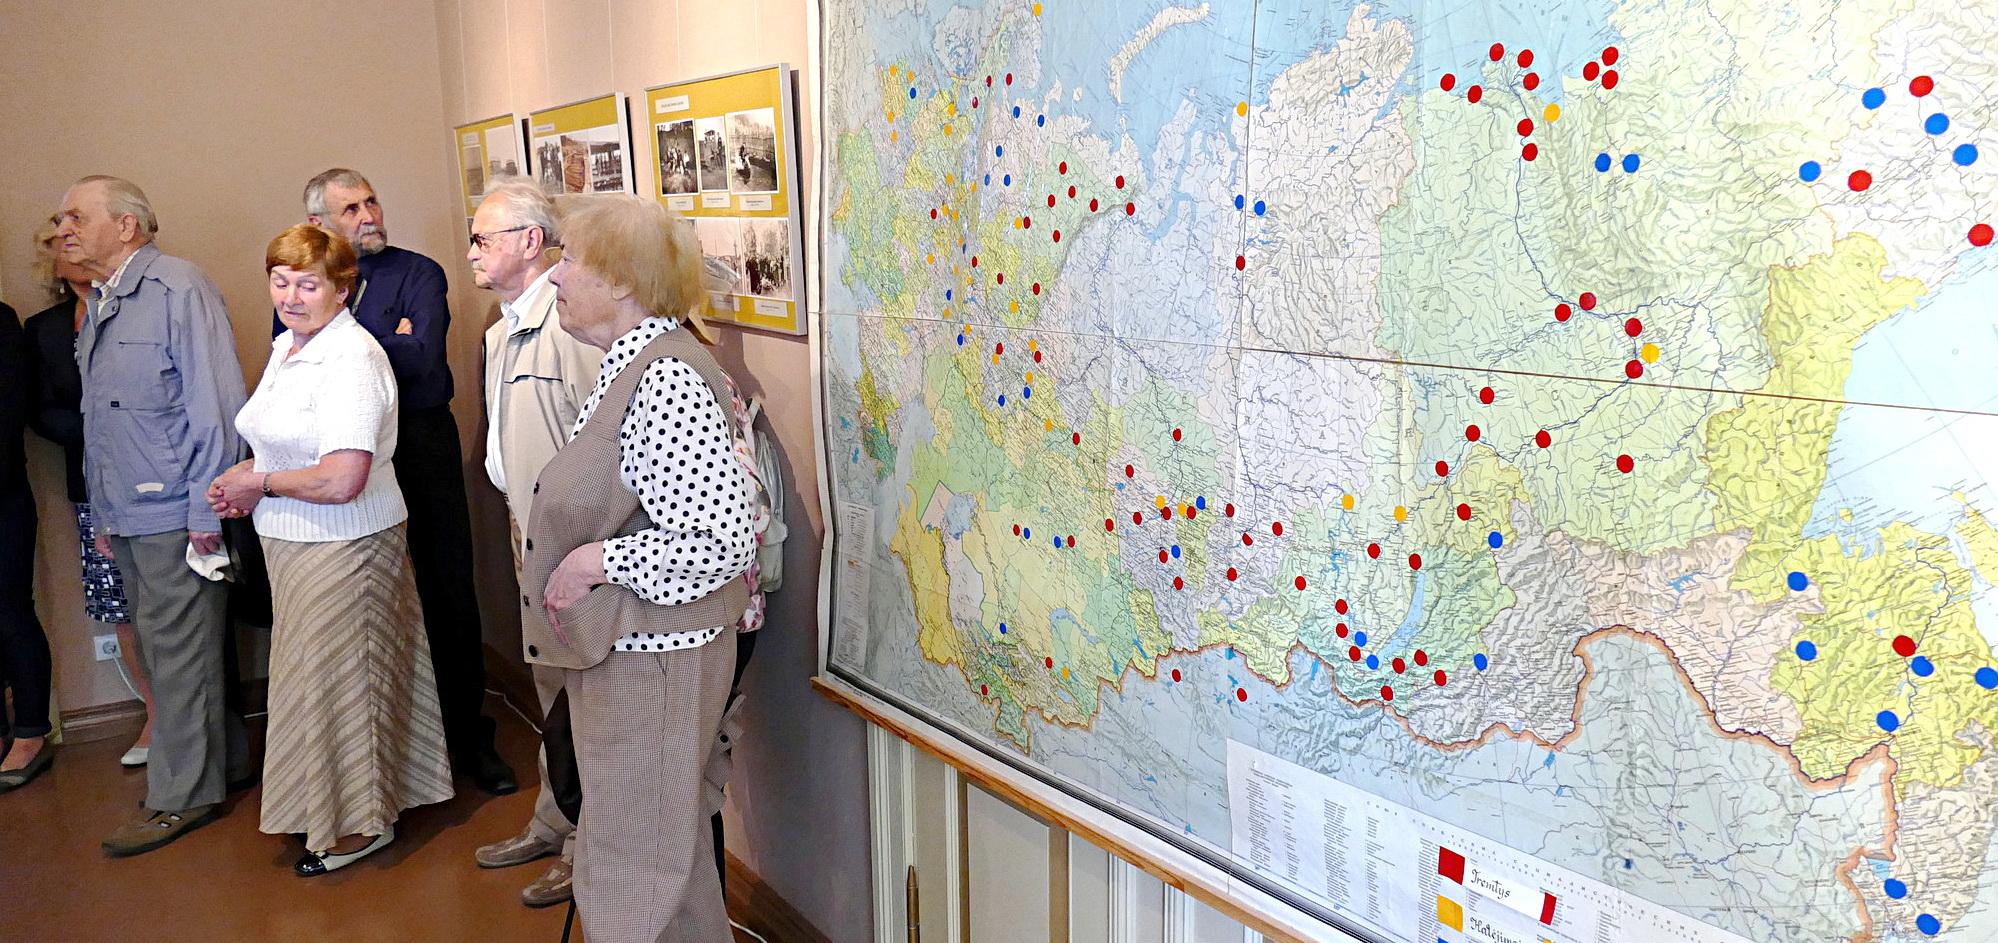 Didžiulį susidomėjimą sukėlė Sovietų Sąjungos žemėlapis su pažymėtomis tremties ir kalinimo vietomis.